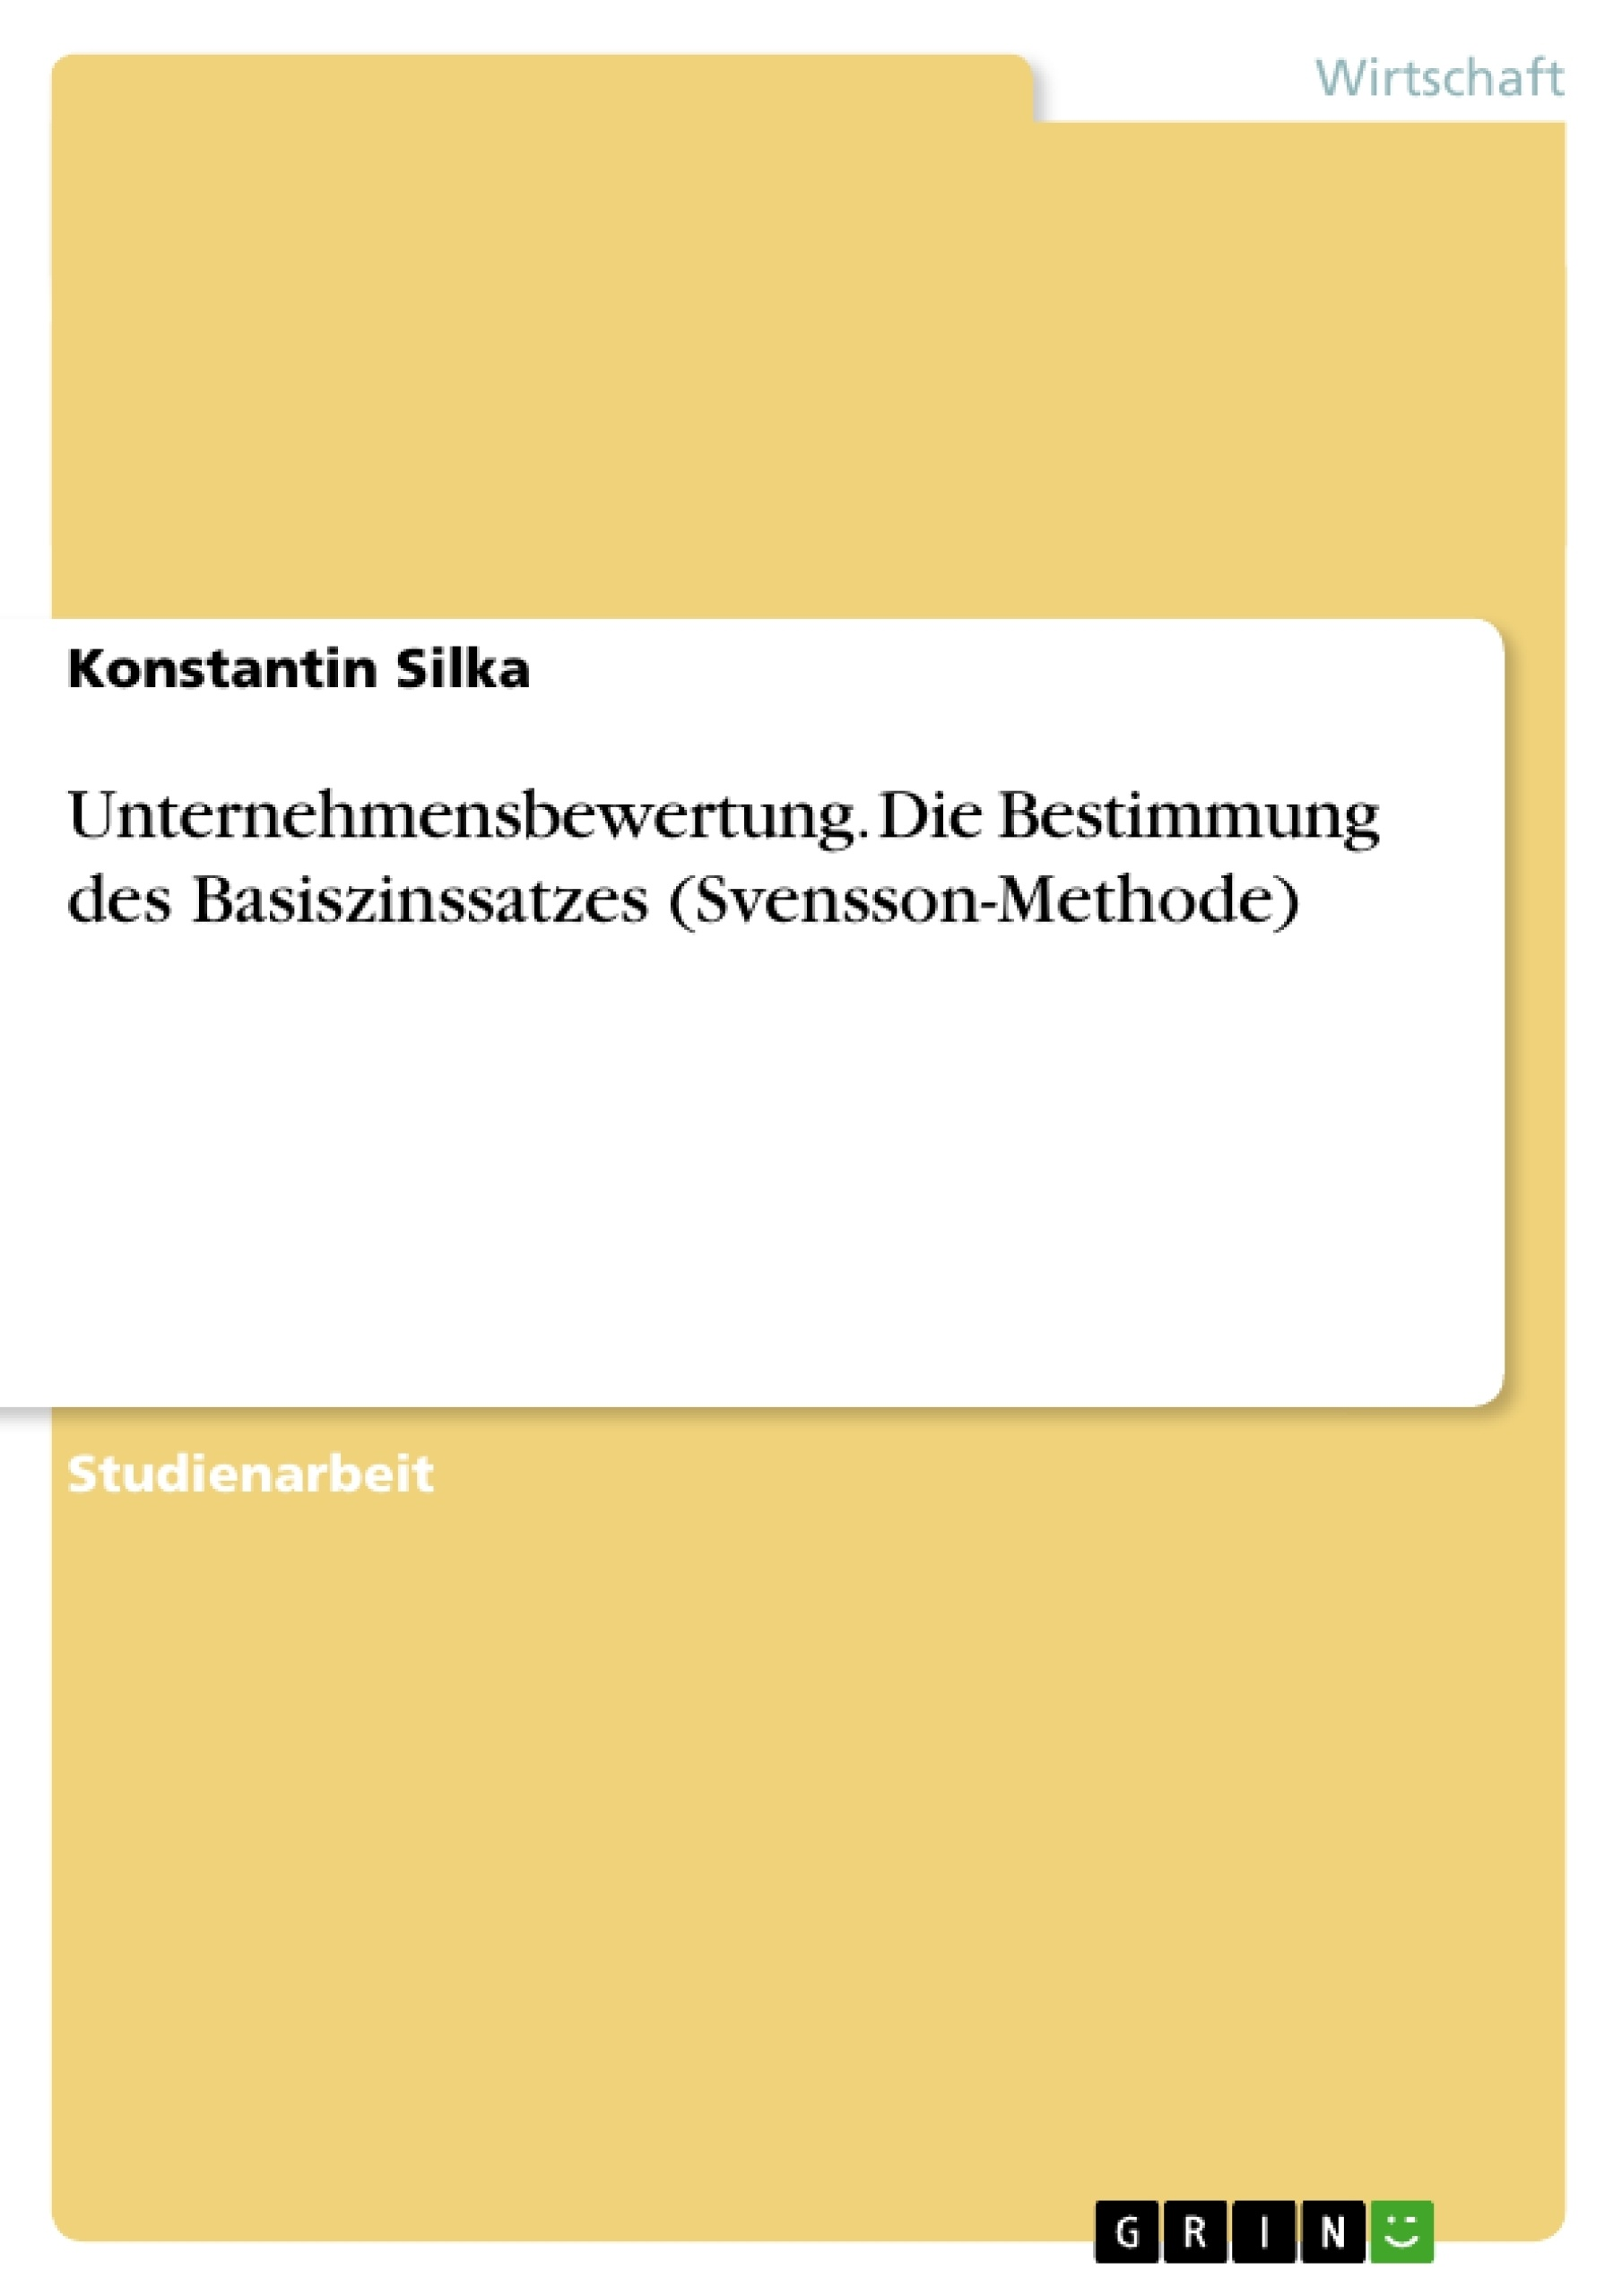 Titel: Unternehmensbewertung. Die Bestimmung des Basiszinssatzes (Svensson-Methode)